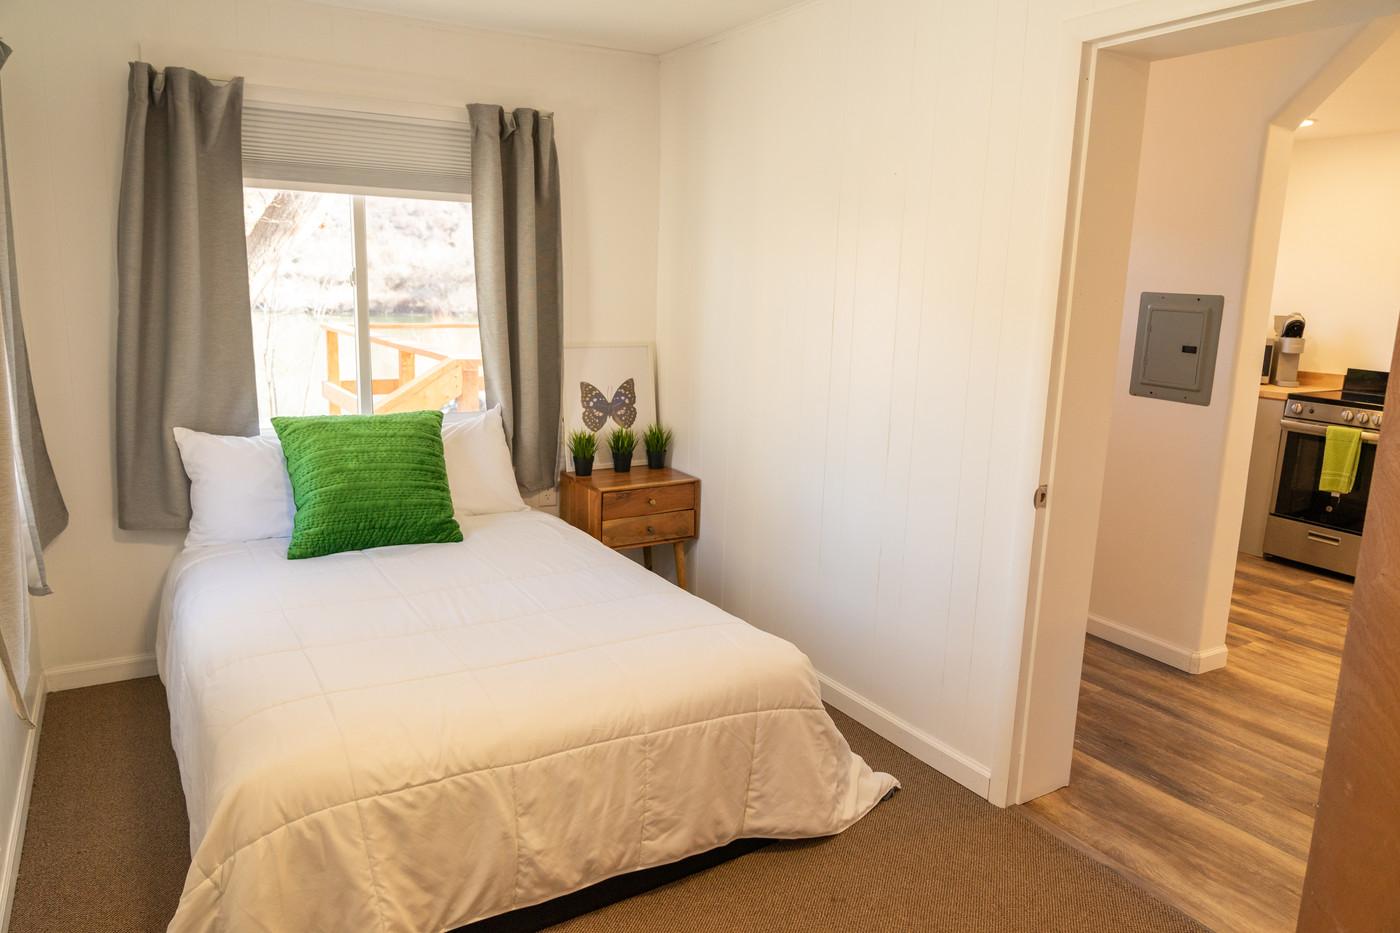 Riverside Condo Secondary Bedroom